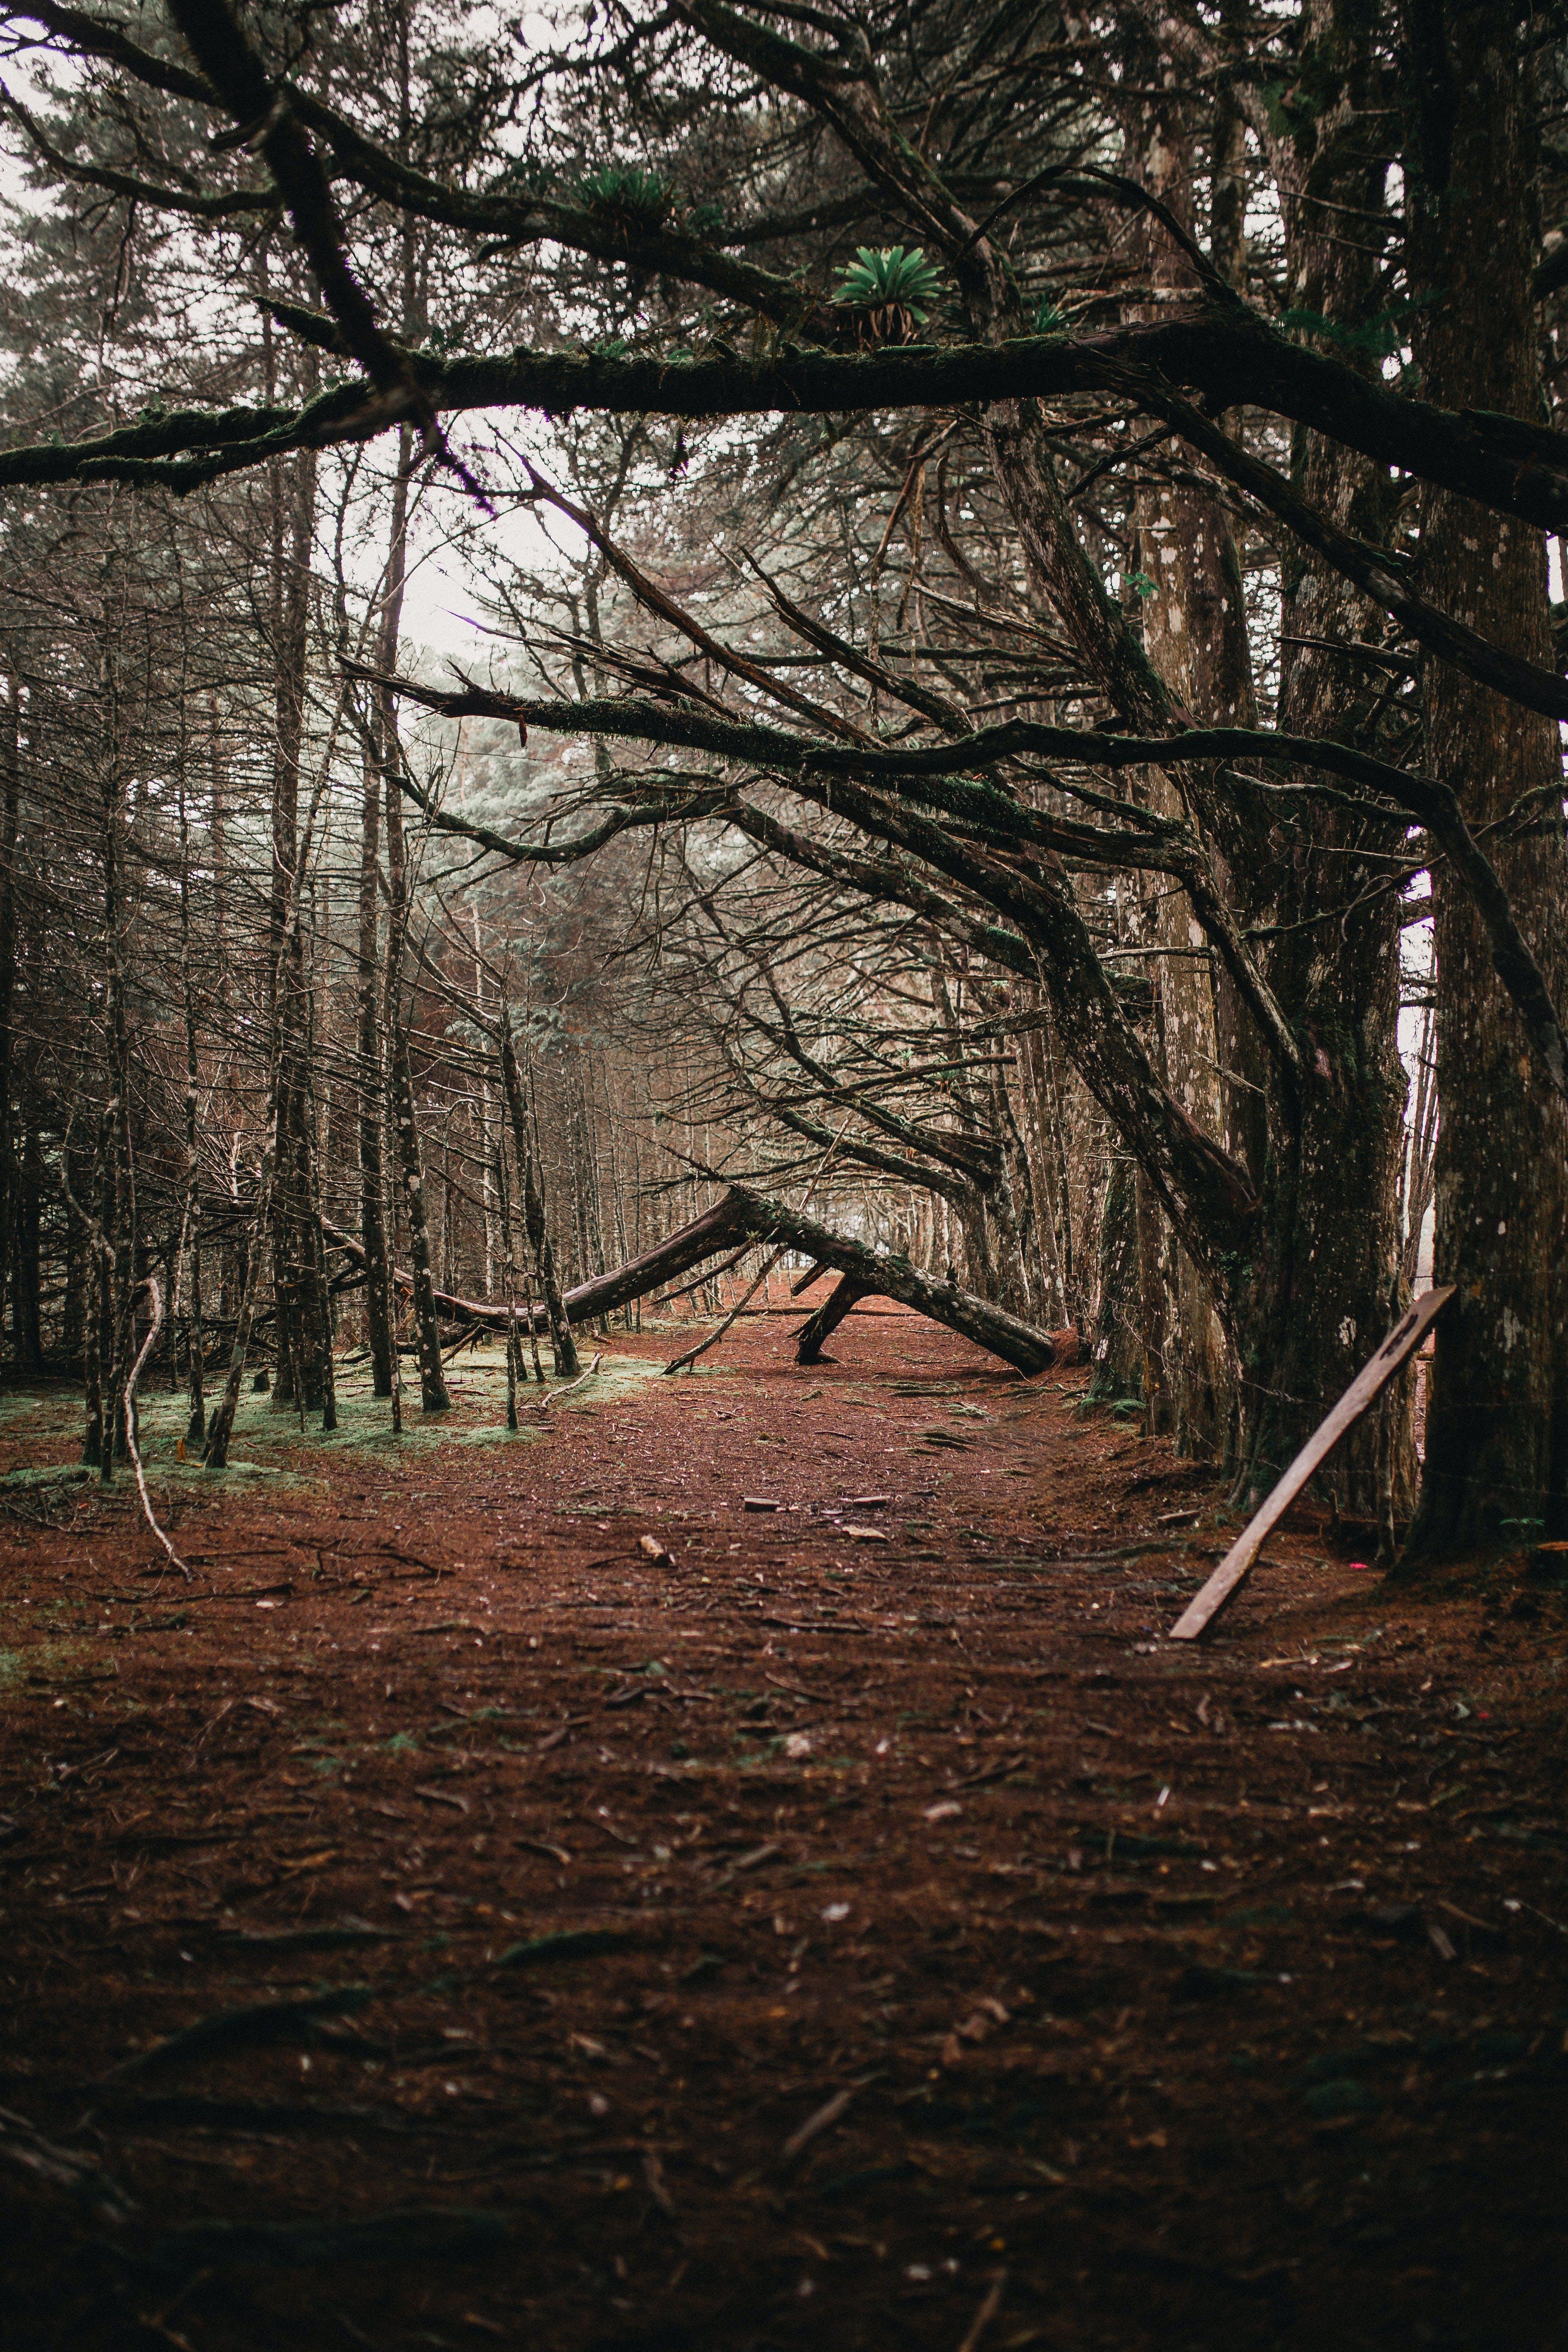 小径, 木, 枝, 森の中の無料の写真素材